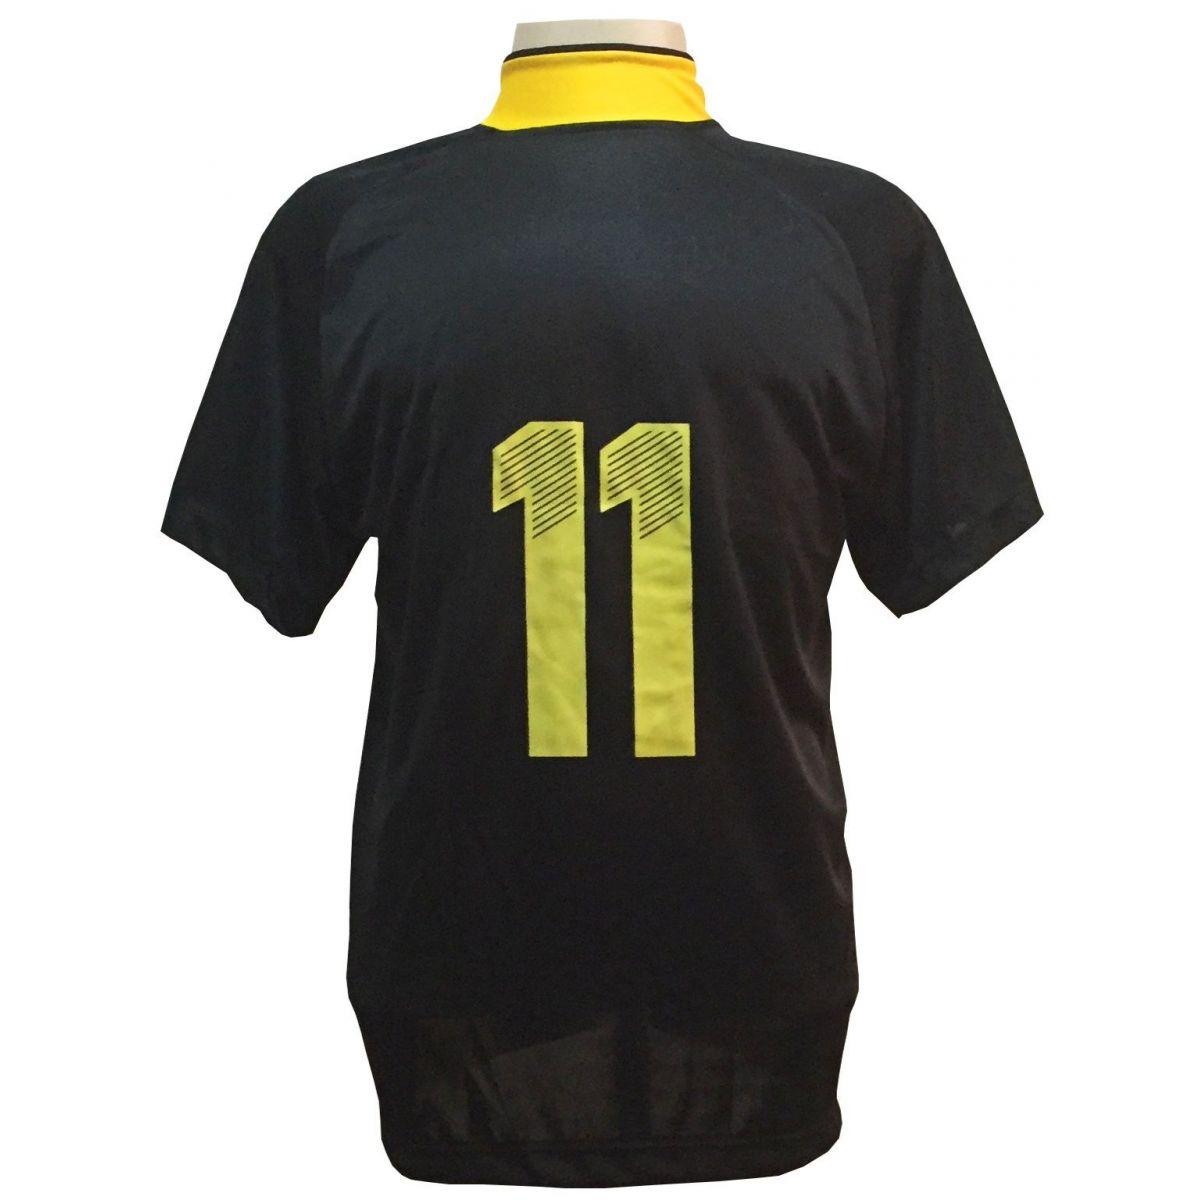 Fardamento Completo modelo Milan Preto/Amarelo 12+1 (12 camisas + 12 calções + 13 pares de meiões + 1 conjunto de goleiro) + Brindes